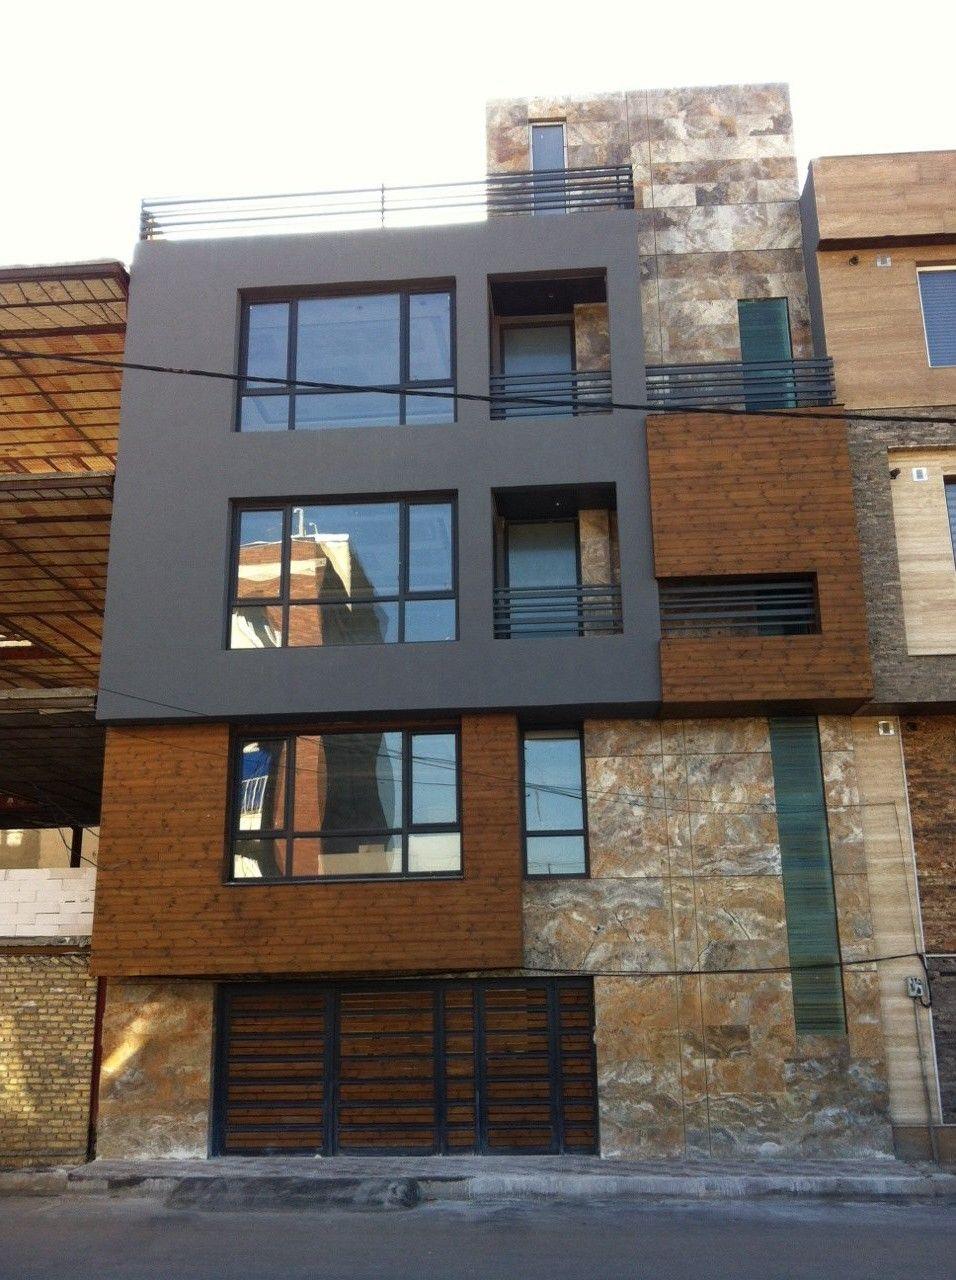 Modern 3 Story Buildings